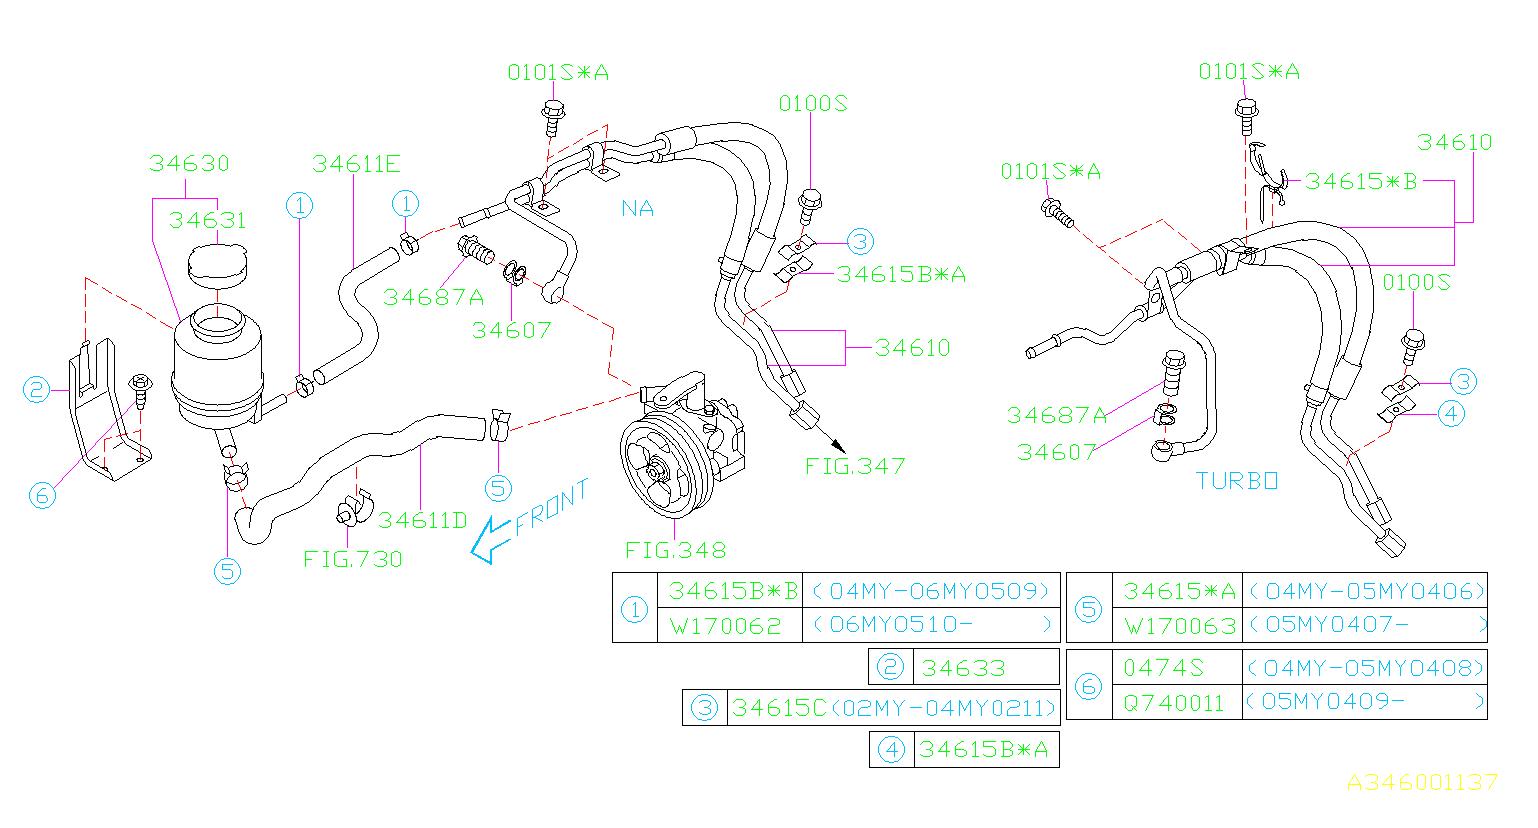 https://parts.subaru.com/images/parts/subaru/fullsize/G11_34601137.png